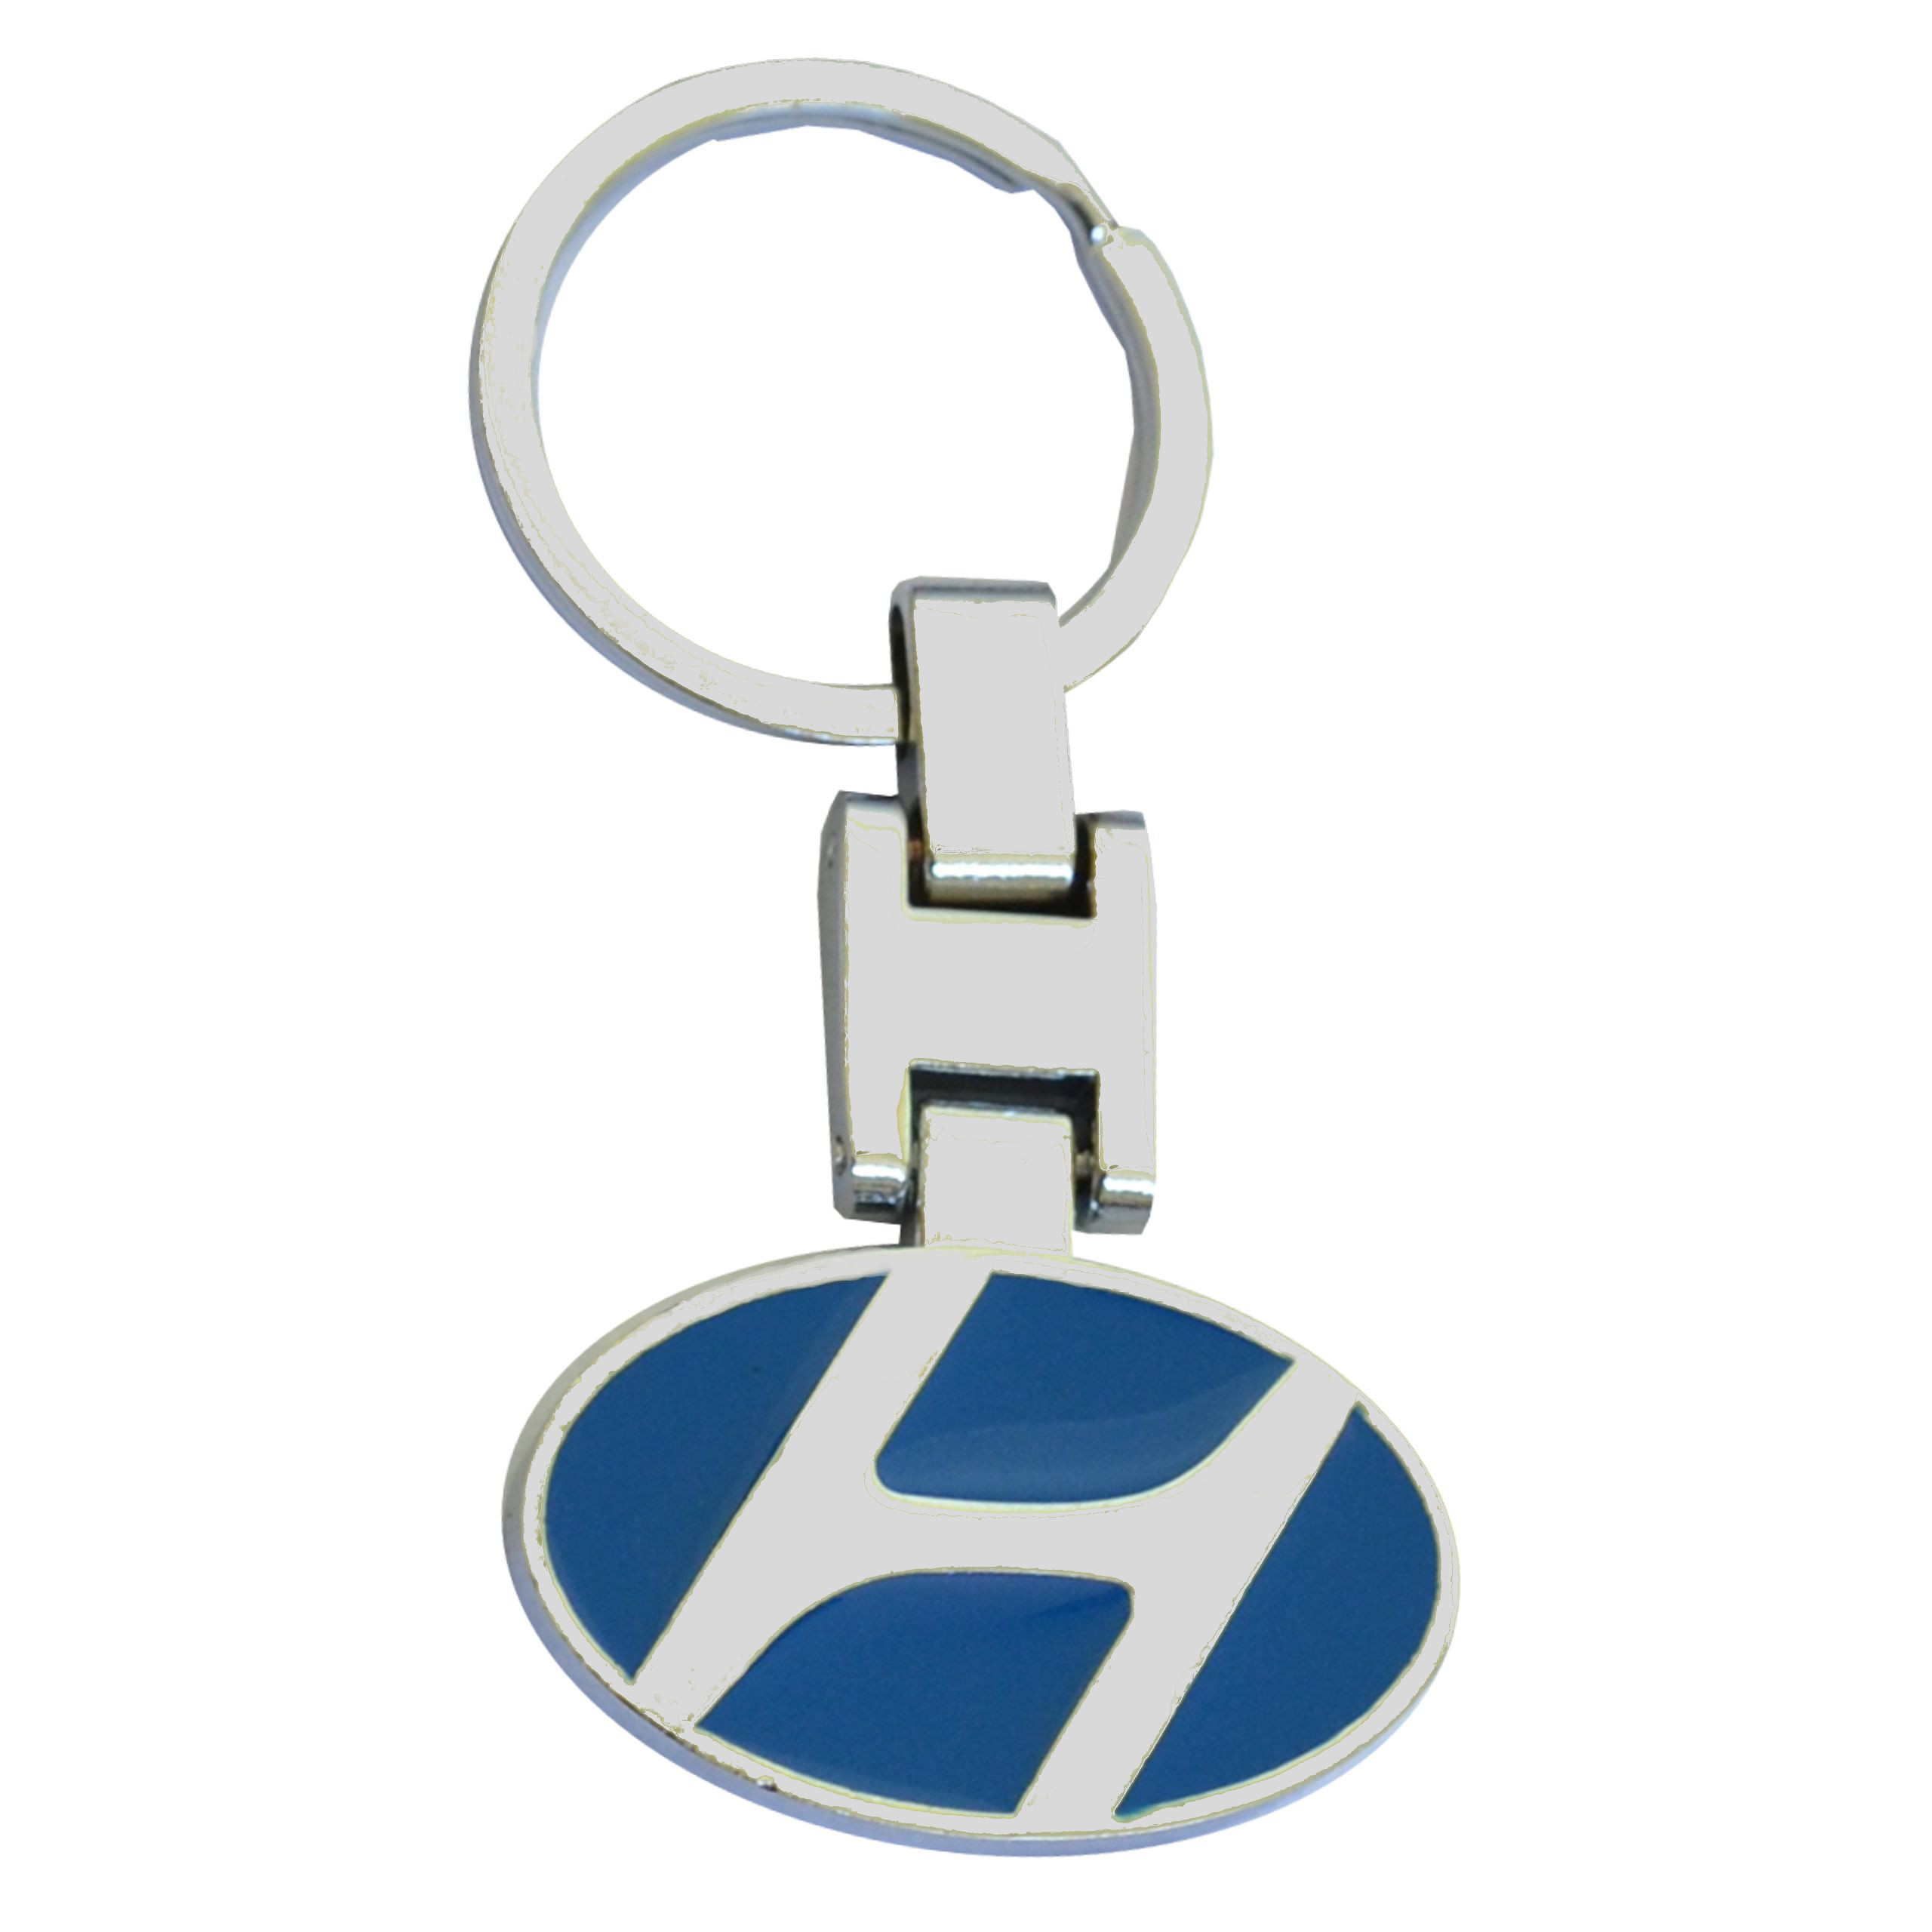 Brelok Metalowy do Kluczyków samochodowych Hyundai